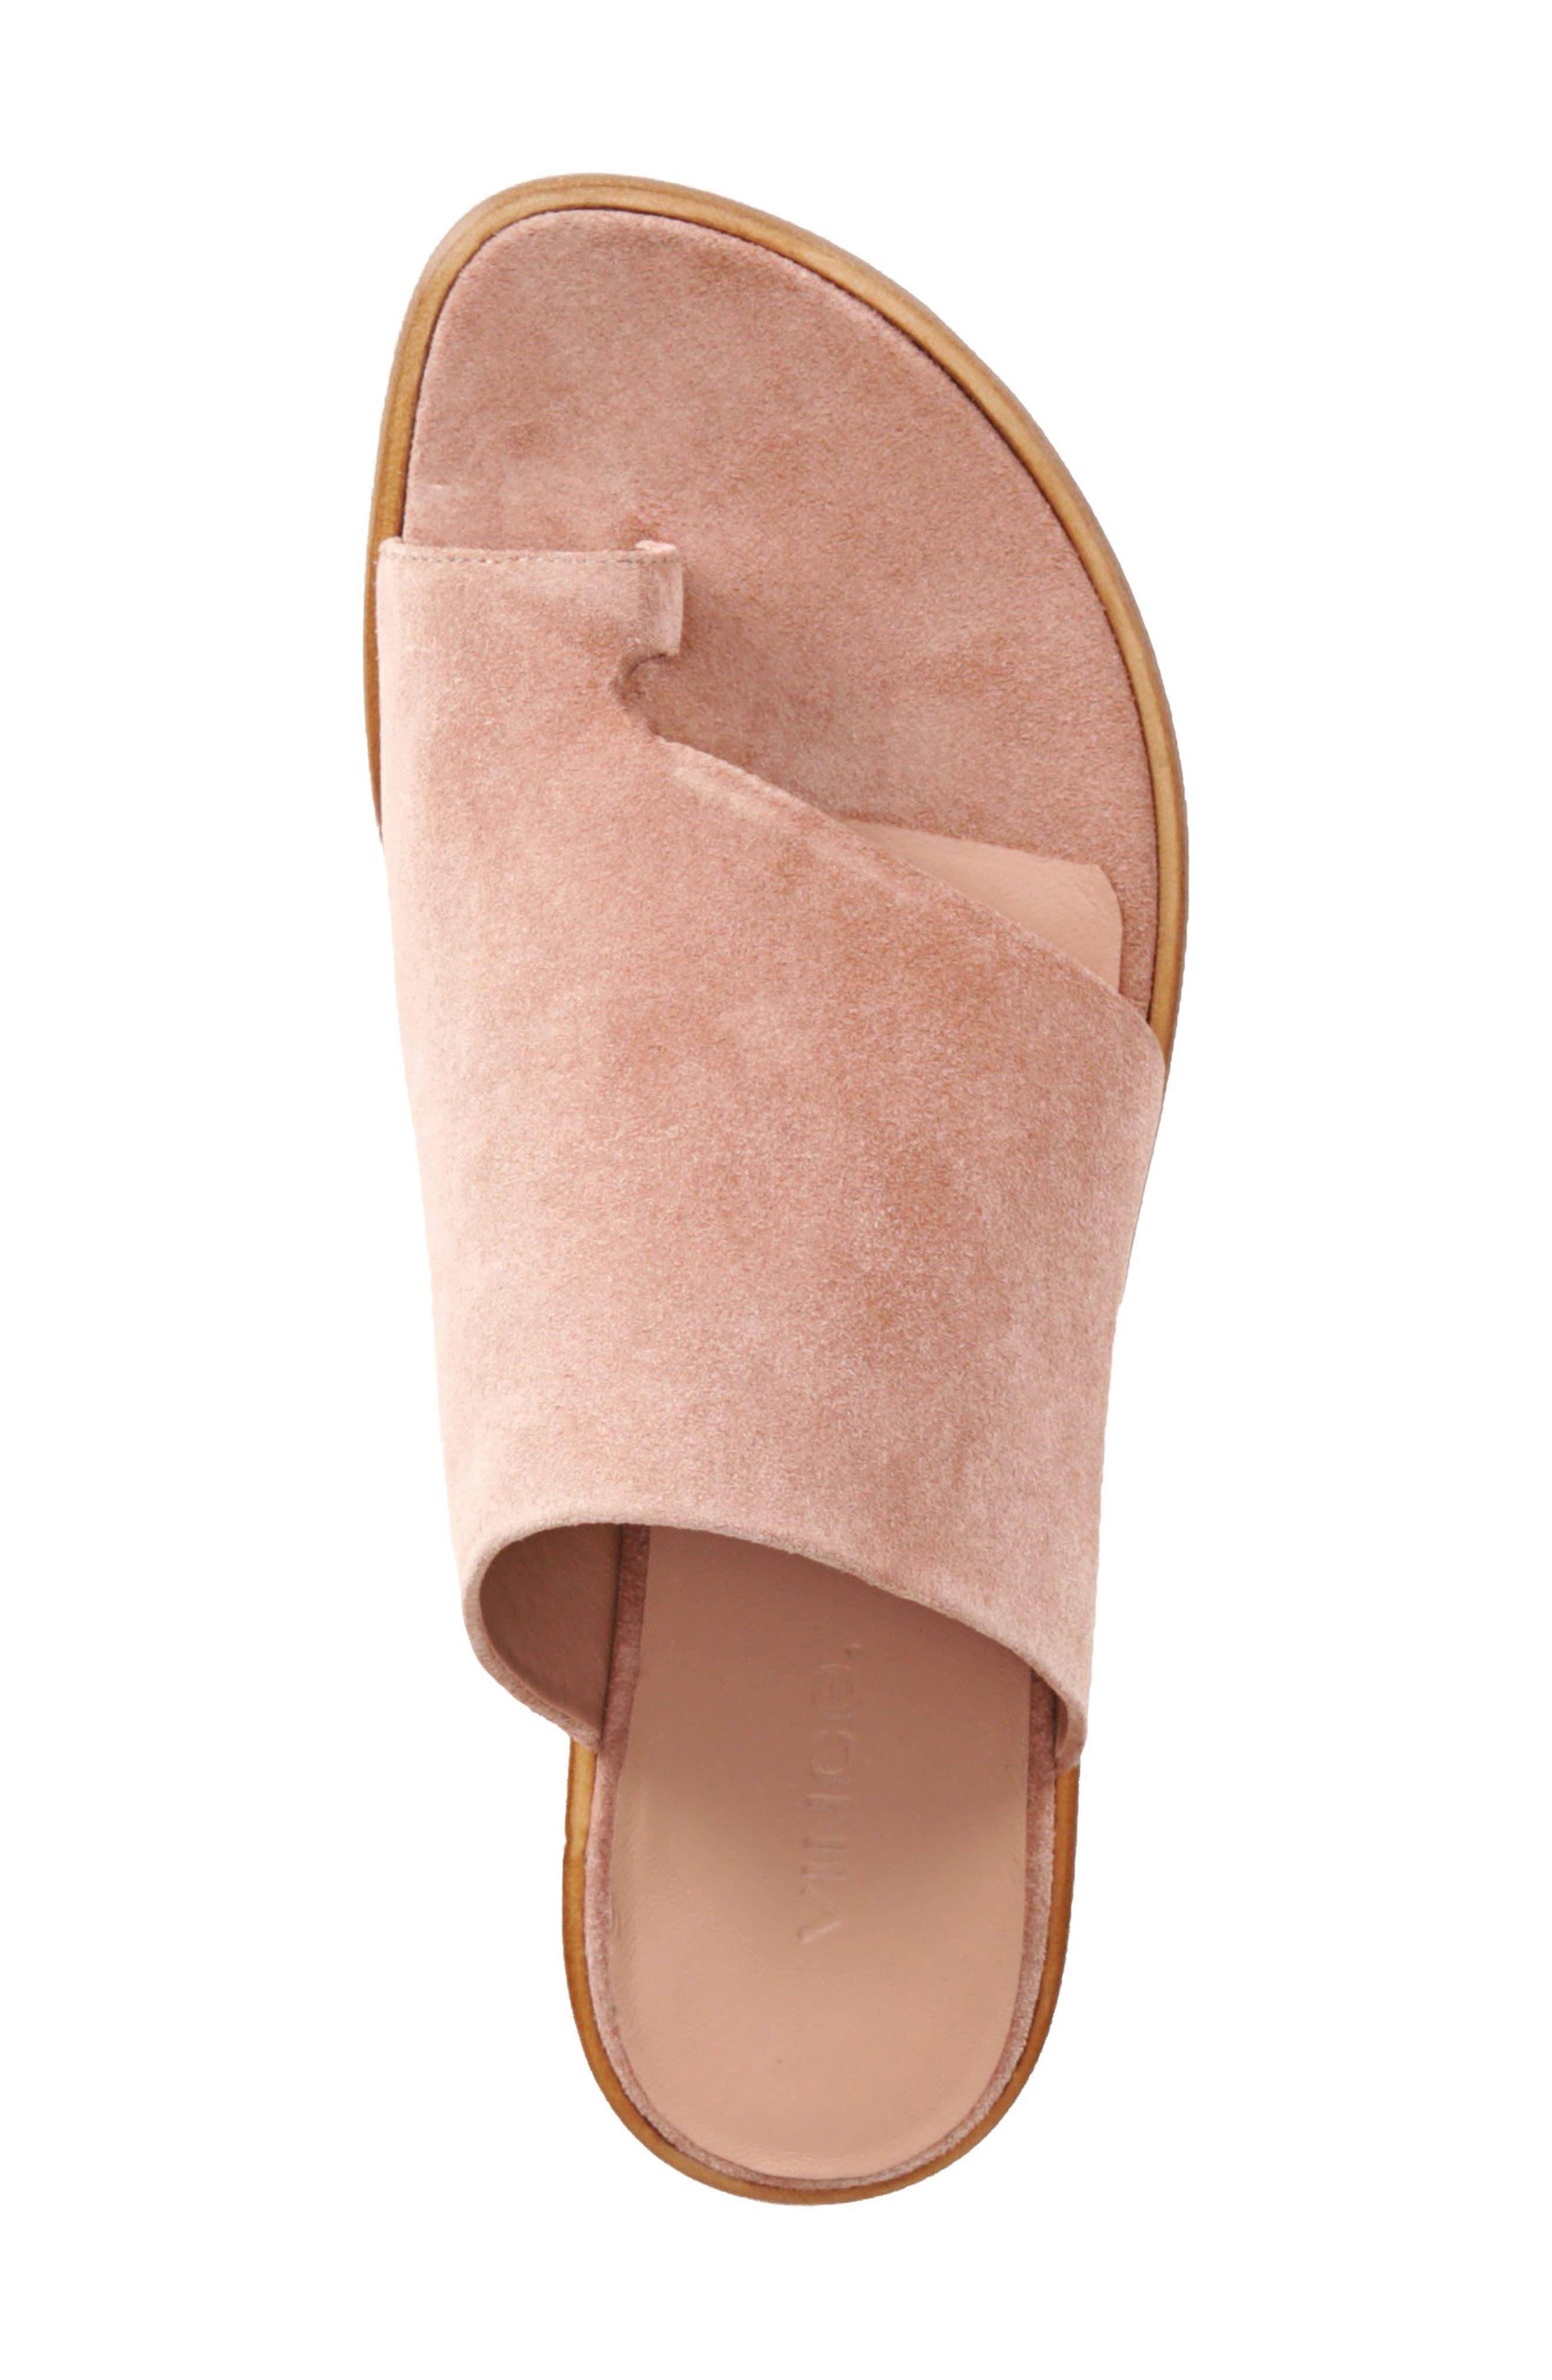 Edris Toe Loop Sandal,                             Alternate thumbnail 3, color,                             Blush